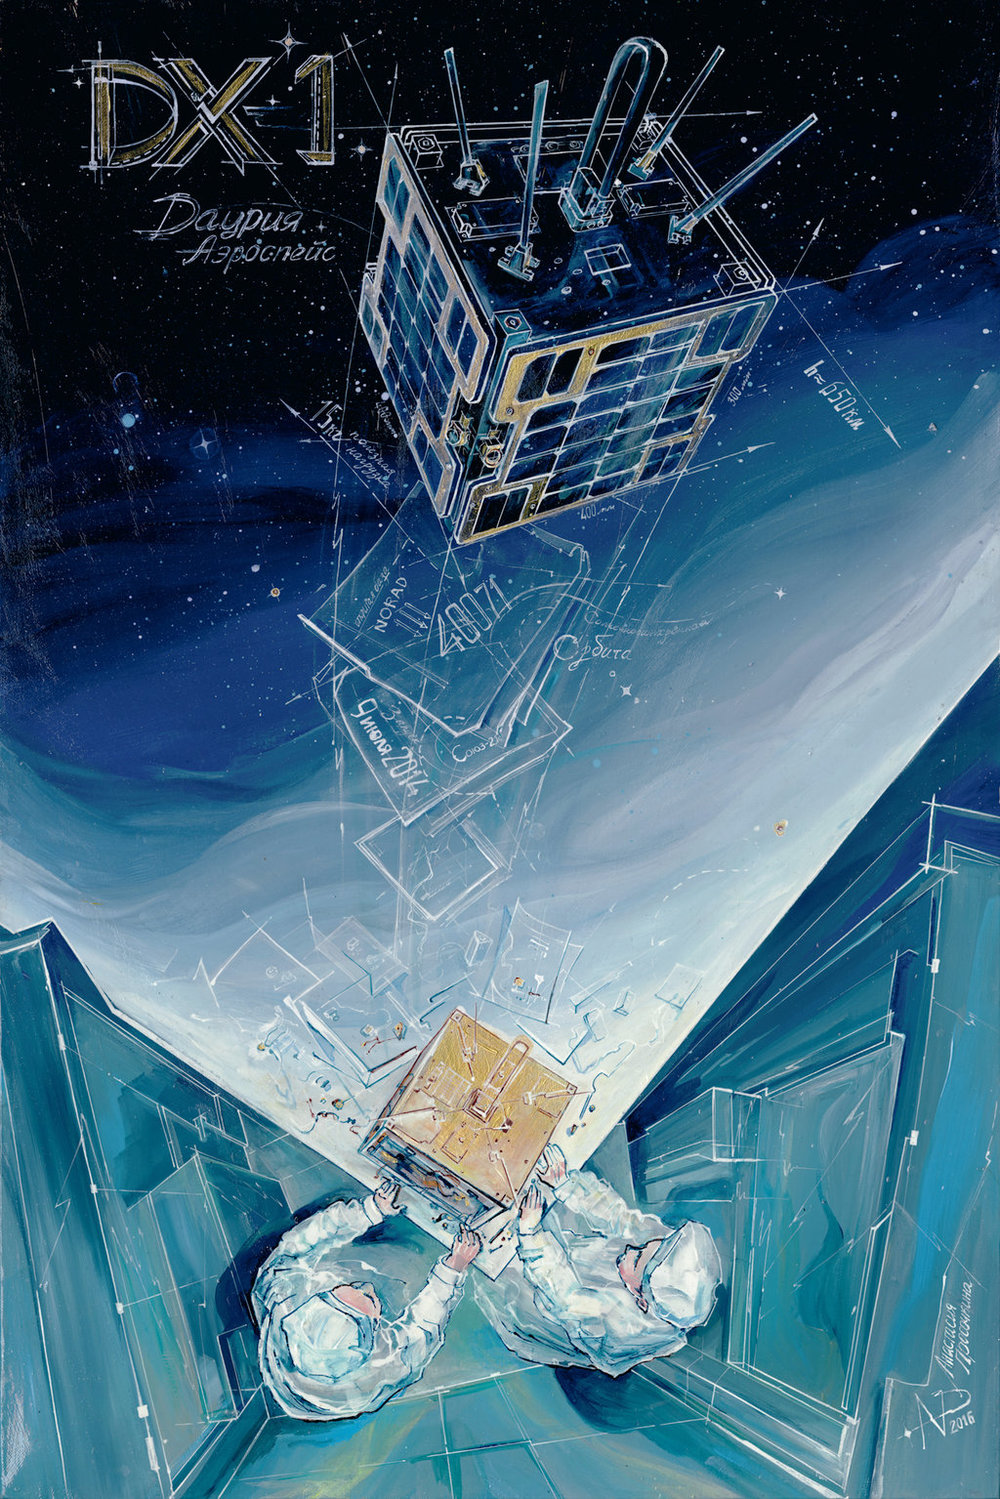 'DX-1' Satellite